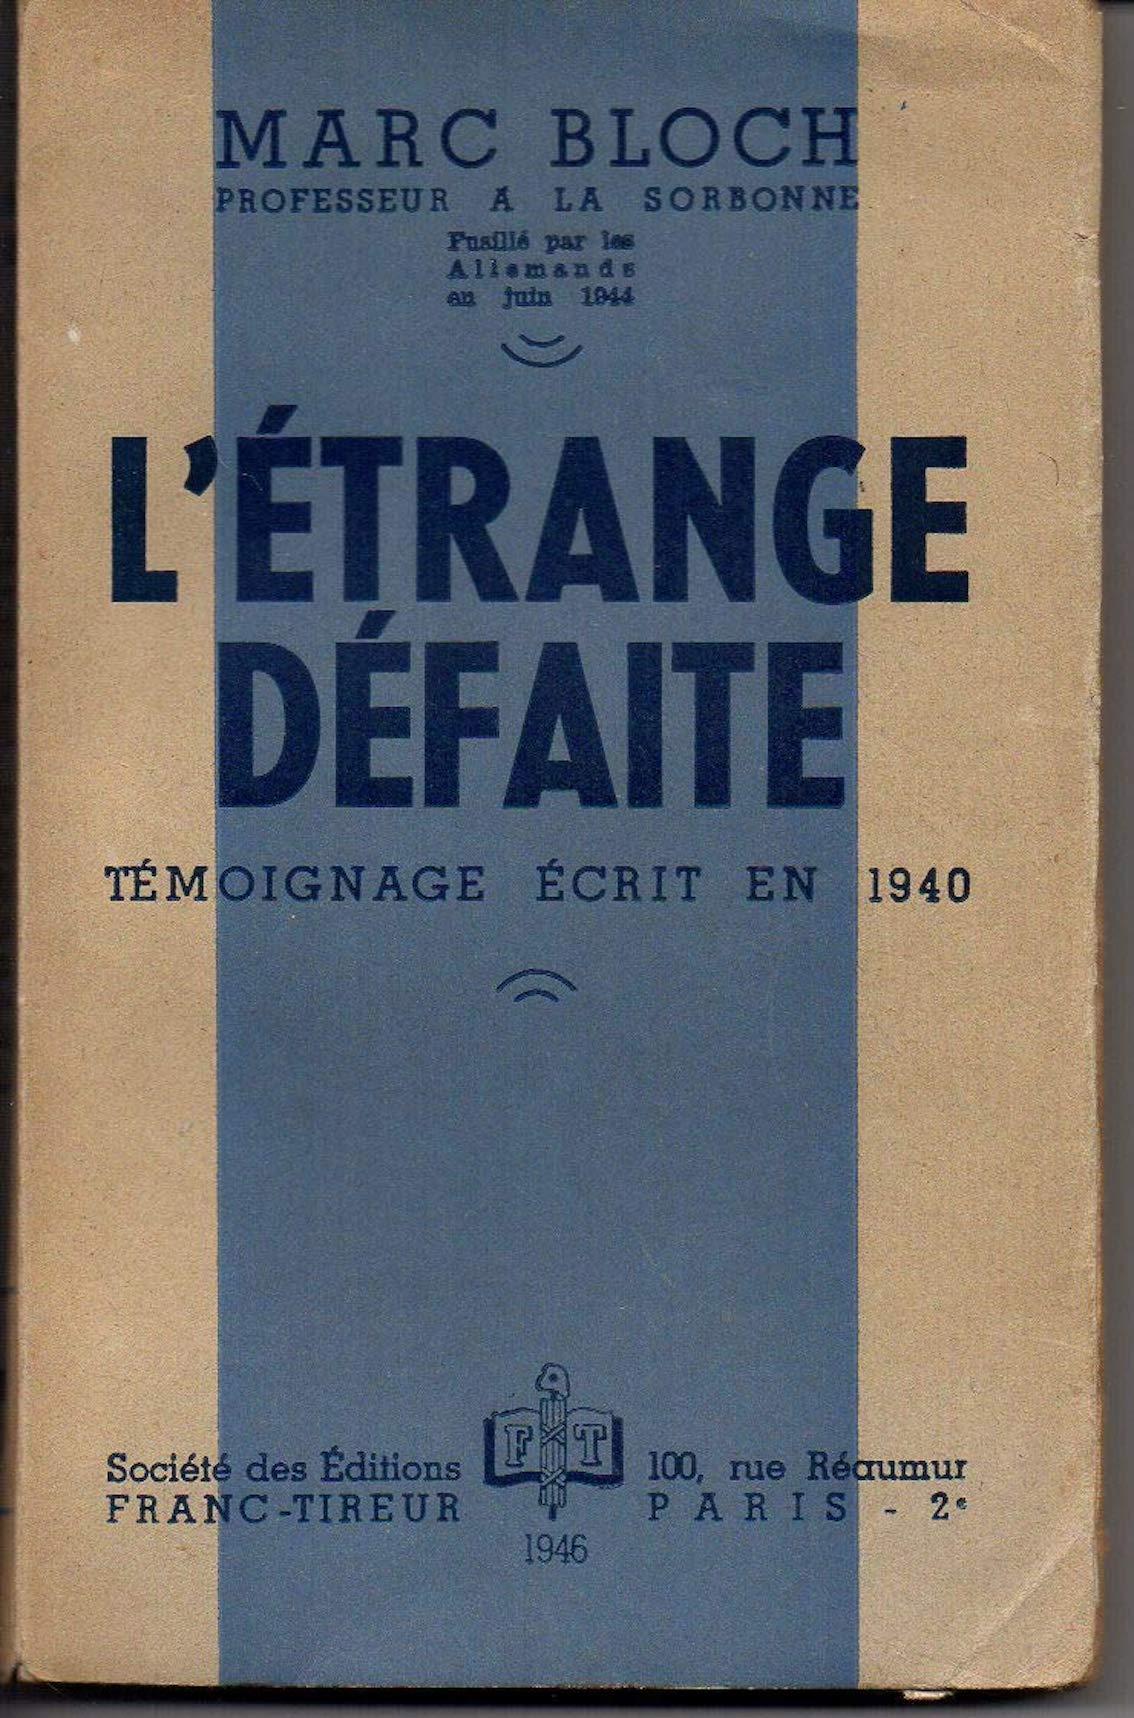 """Couverture du livre """"L'Etrange défaite"""" de Marc Bloch."""